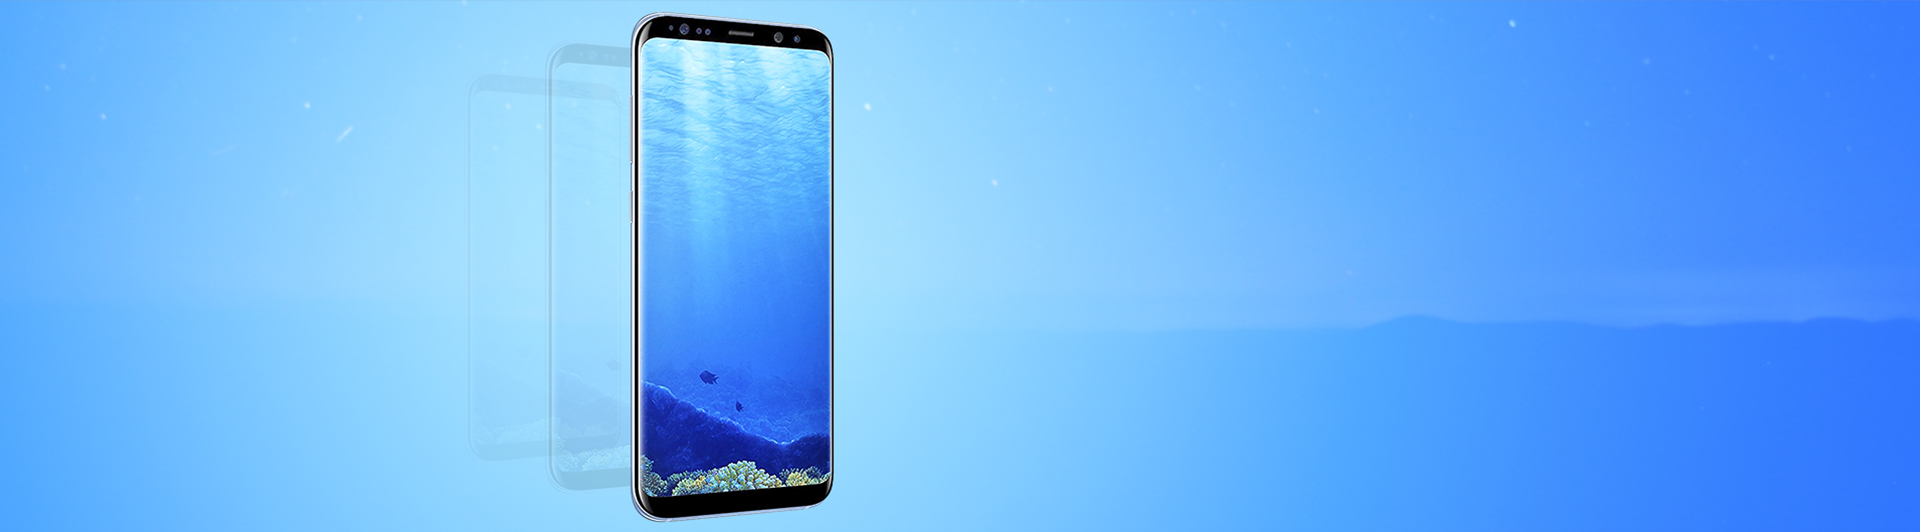 Điện thoại Samsung Galaxy S8 xanh màn hình sắc nét